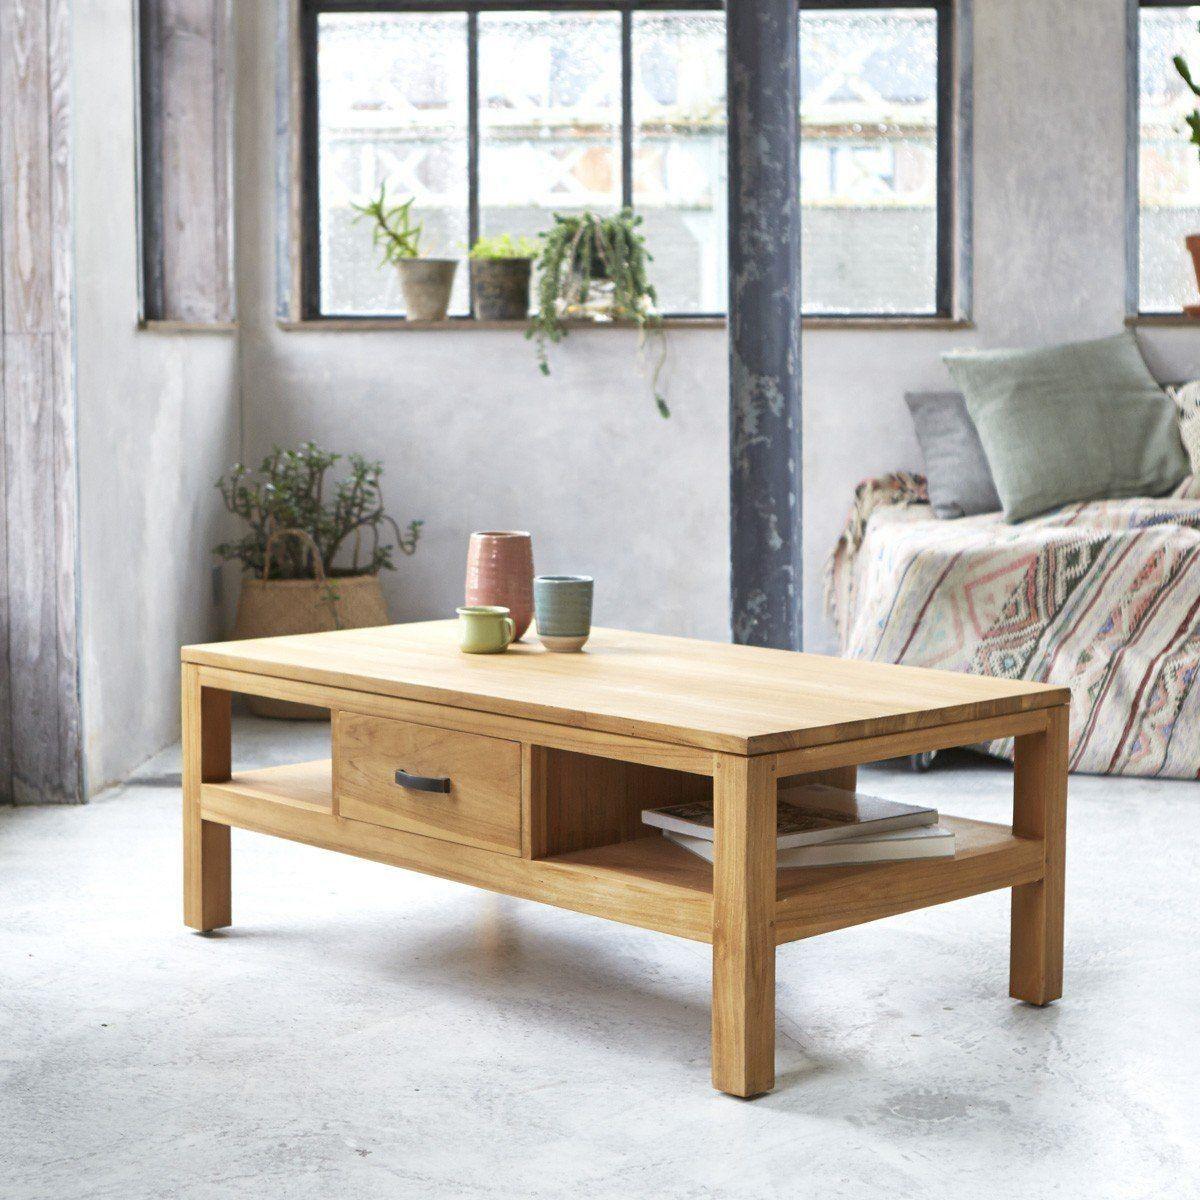 Table Basse En Teck 110x60 Vertigo Table Basse Teck Table Basse Table Basse Bois